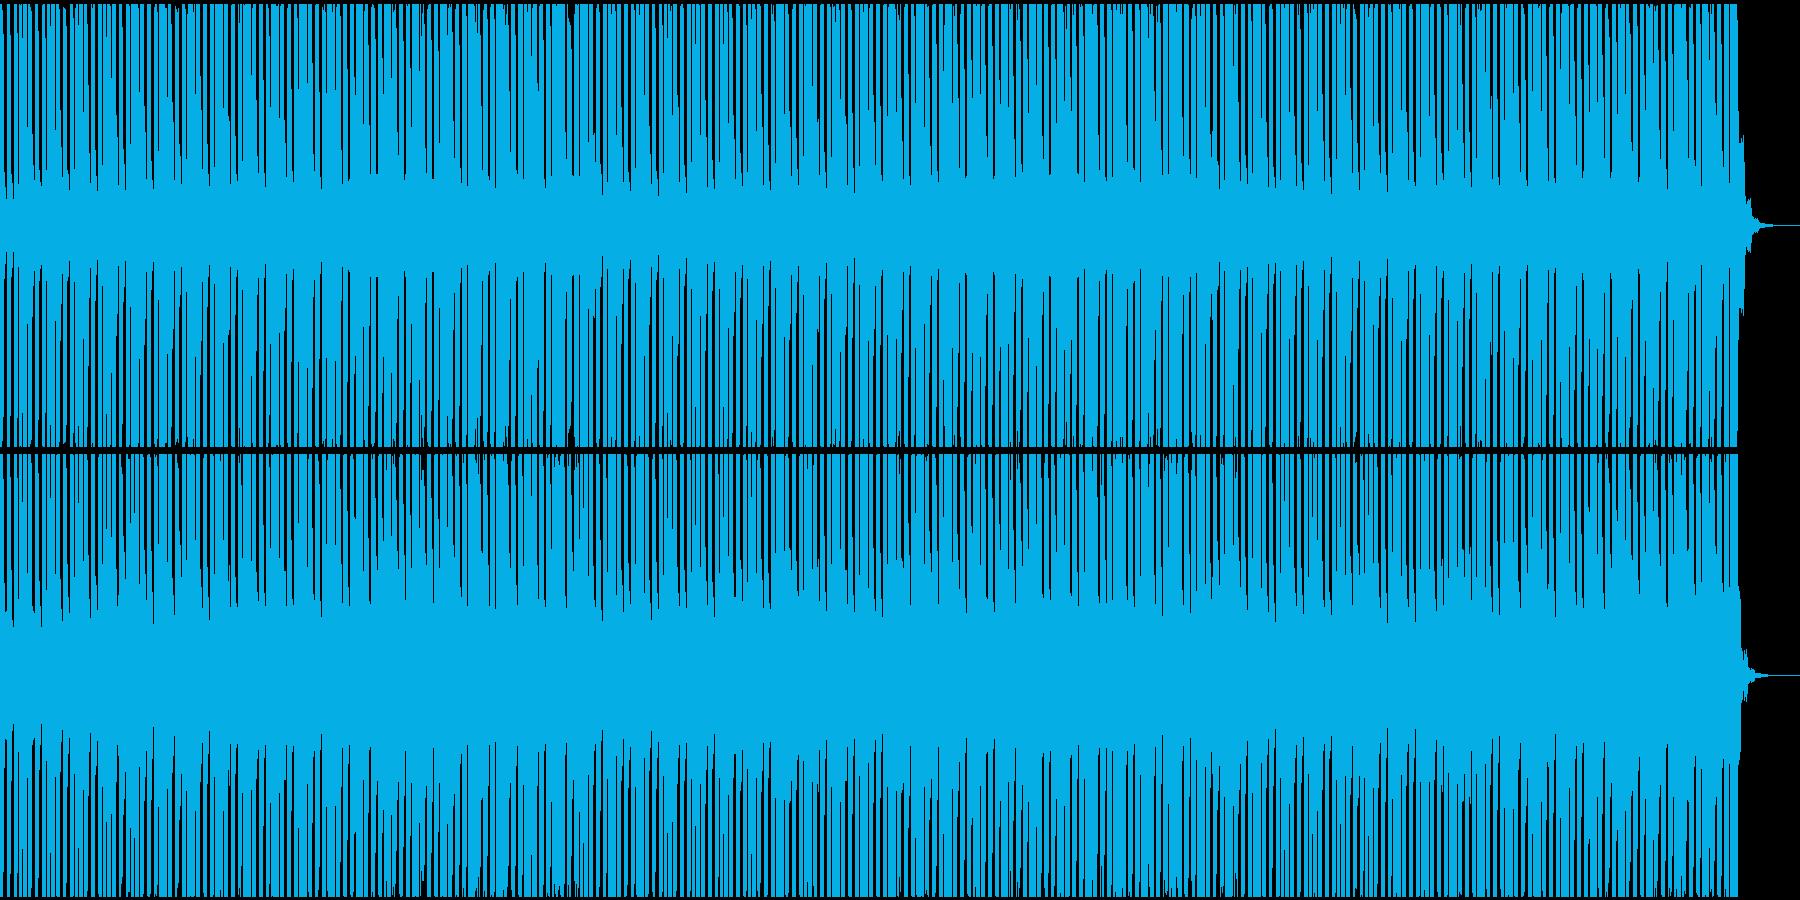 ケロケロフロッグのデンデンリズムの再生済みの波形